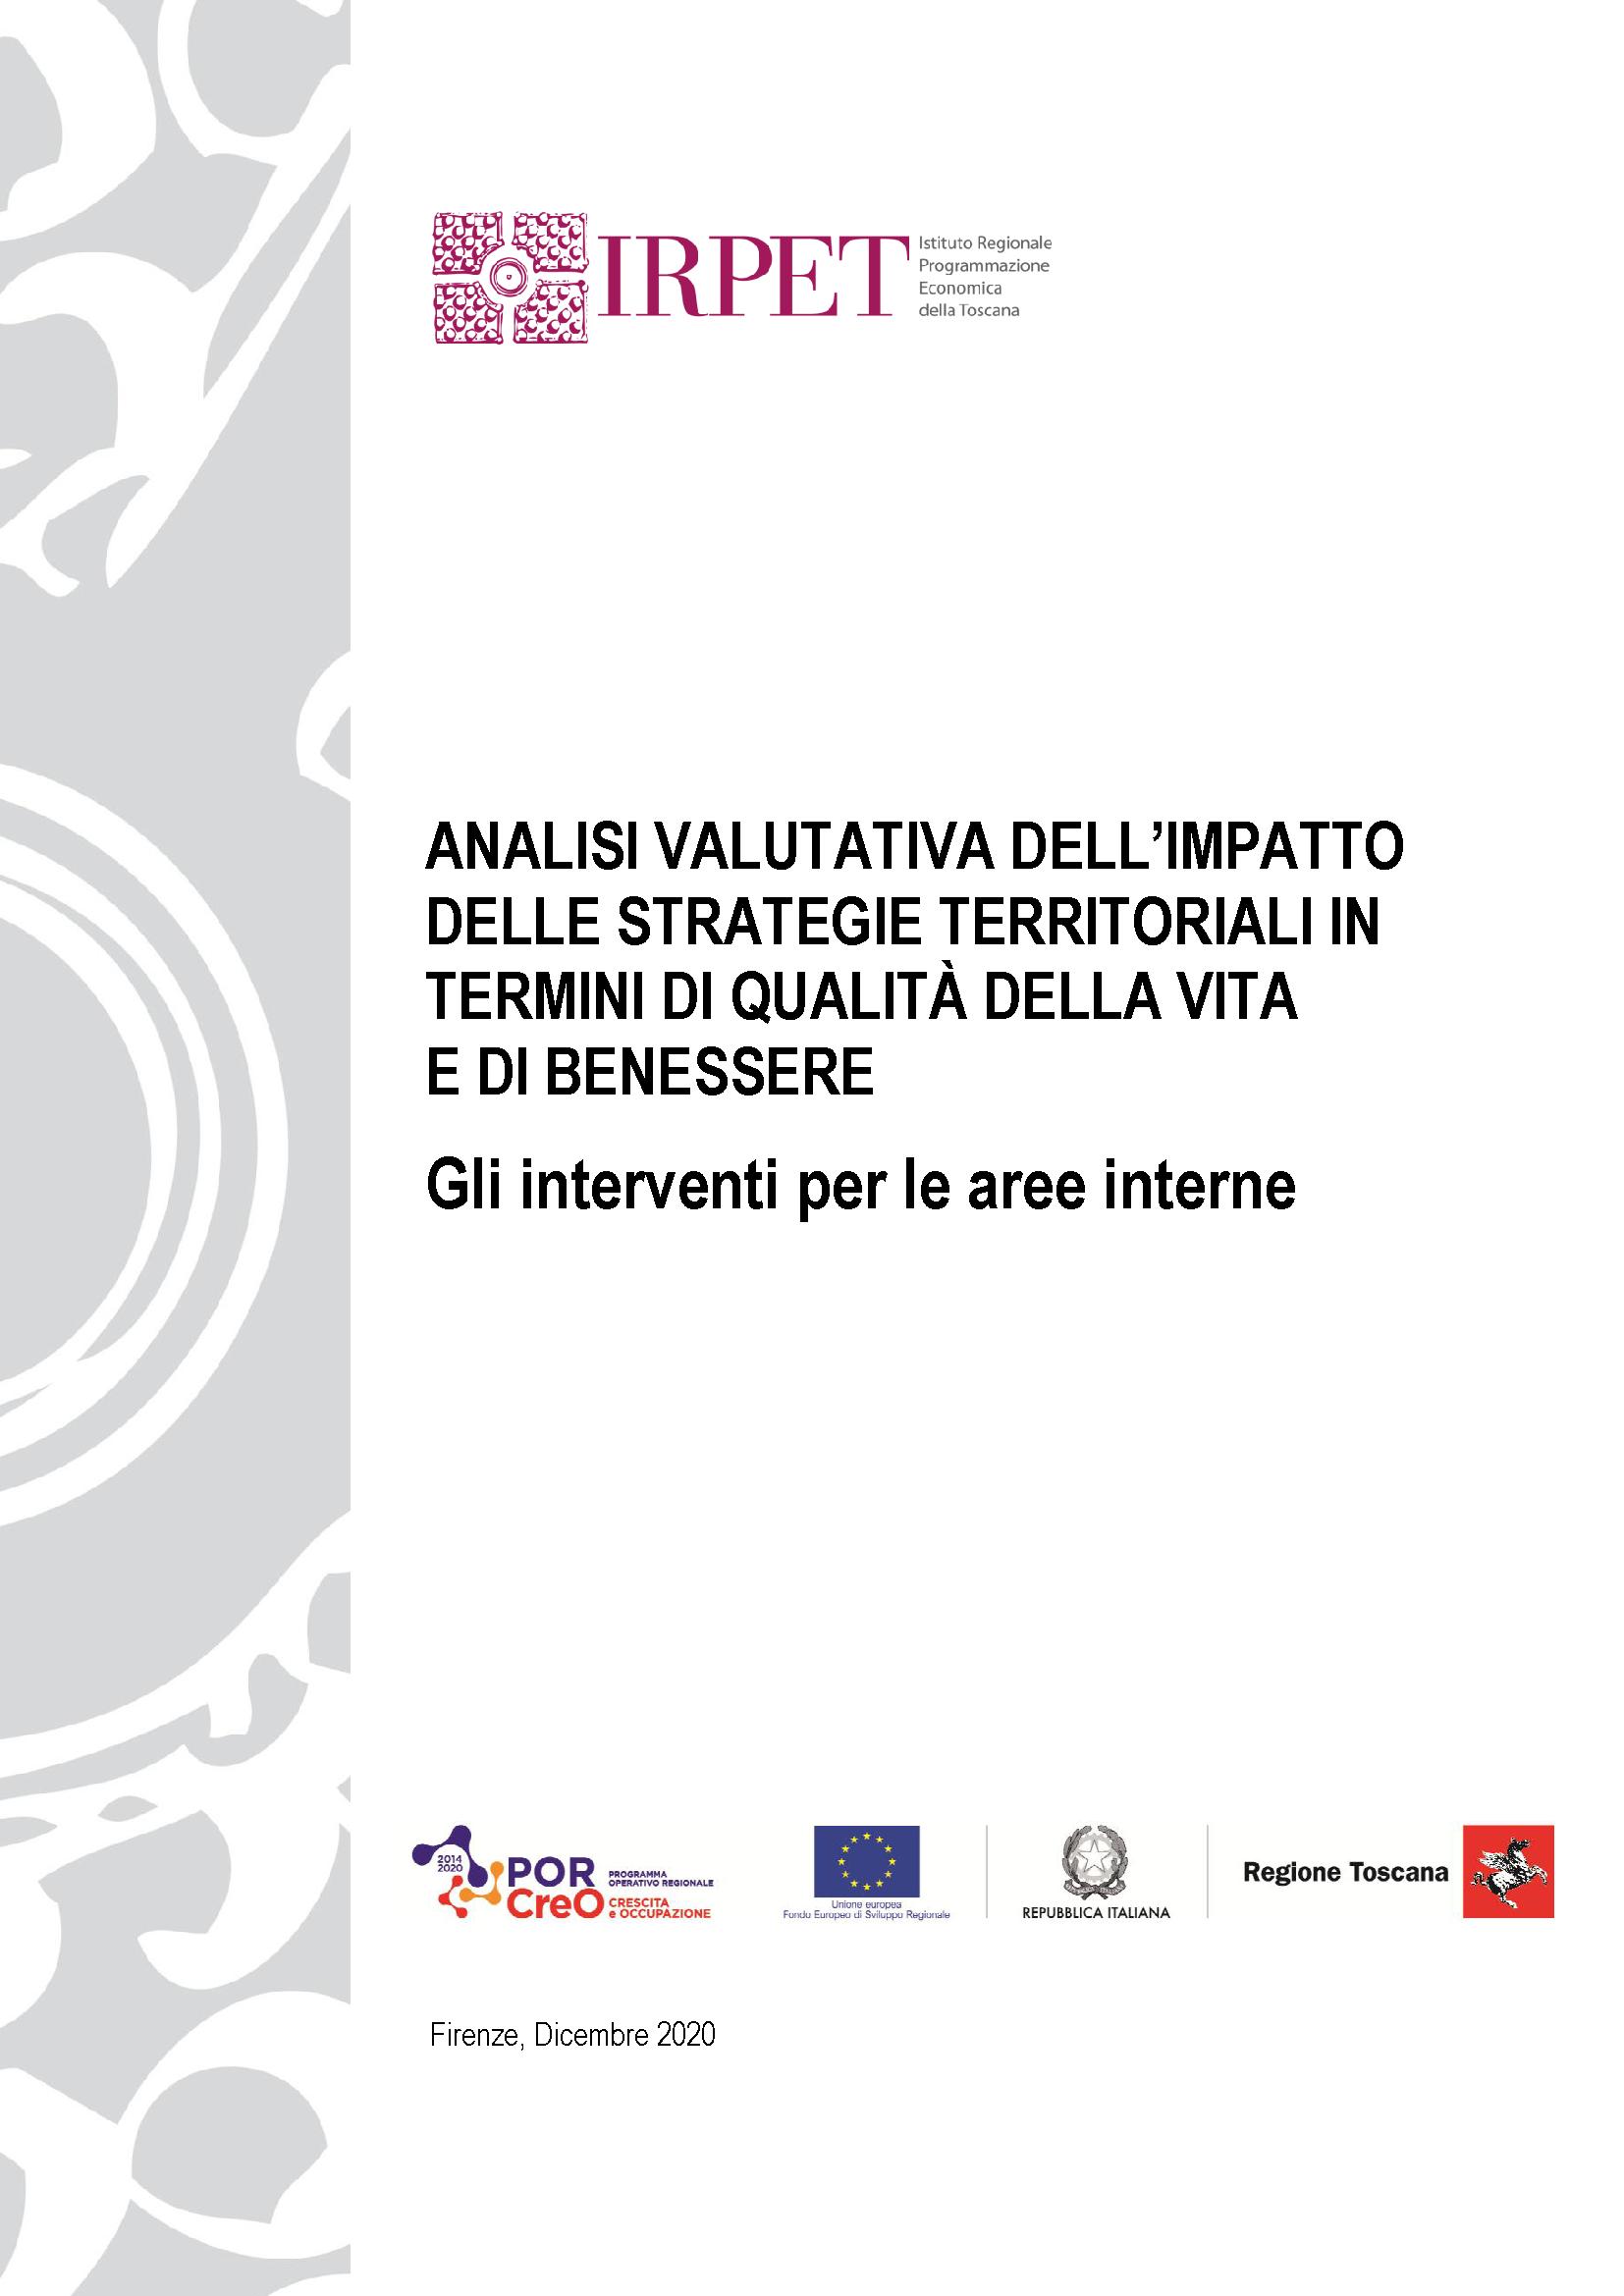 Report IRPET Aree Interne_aggiornamento 2020